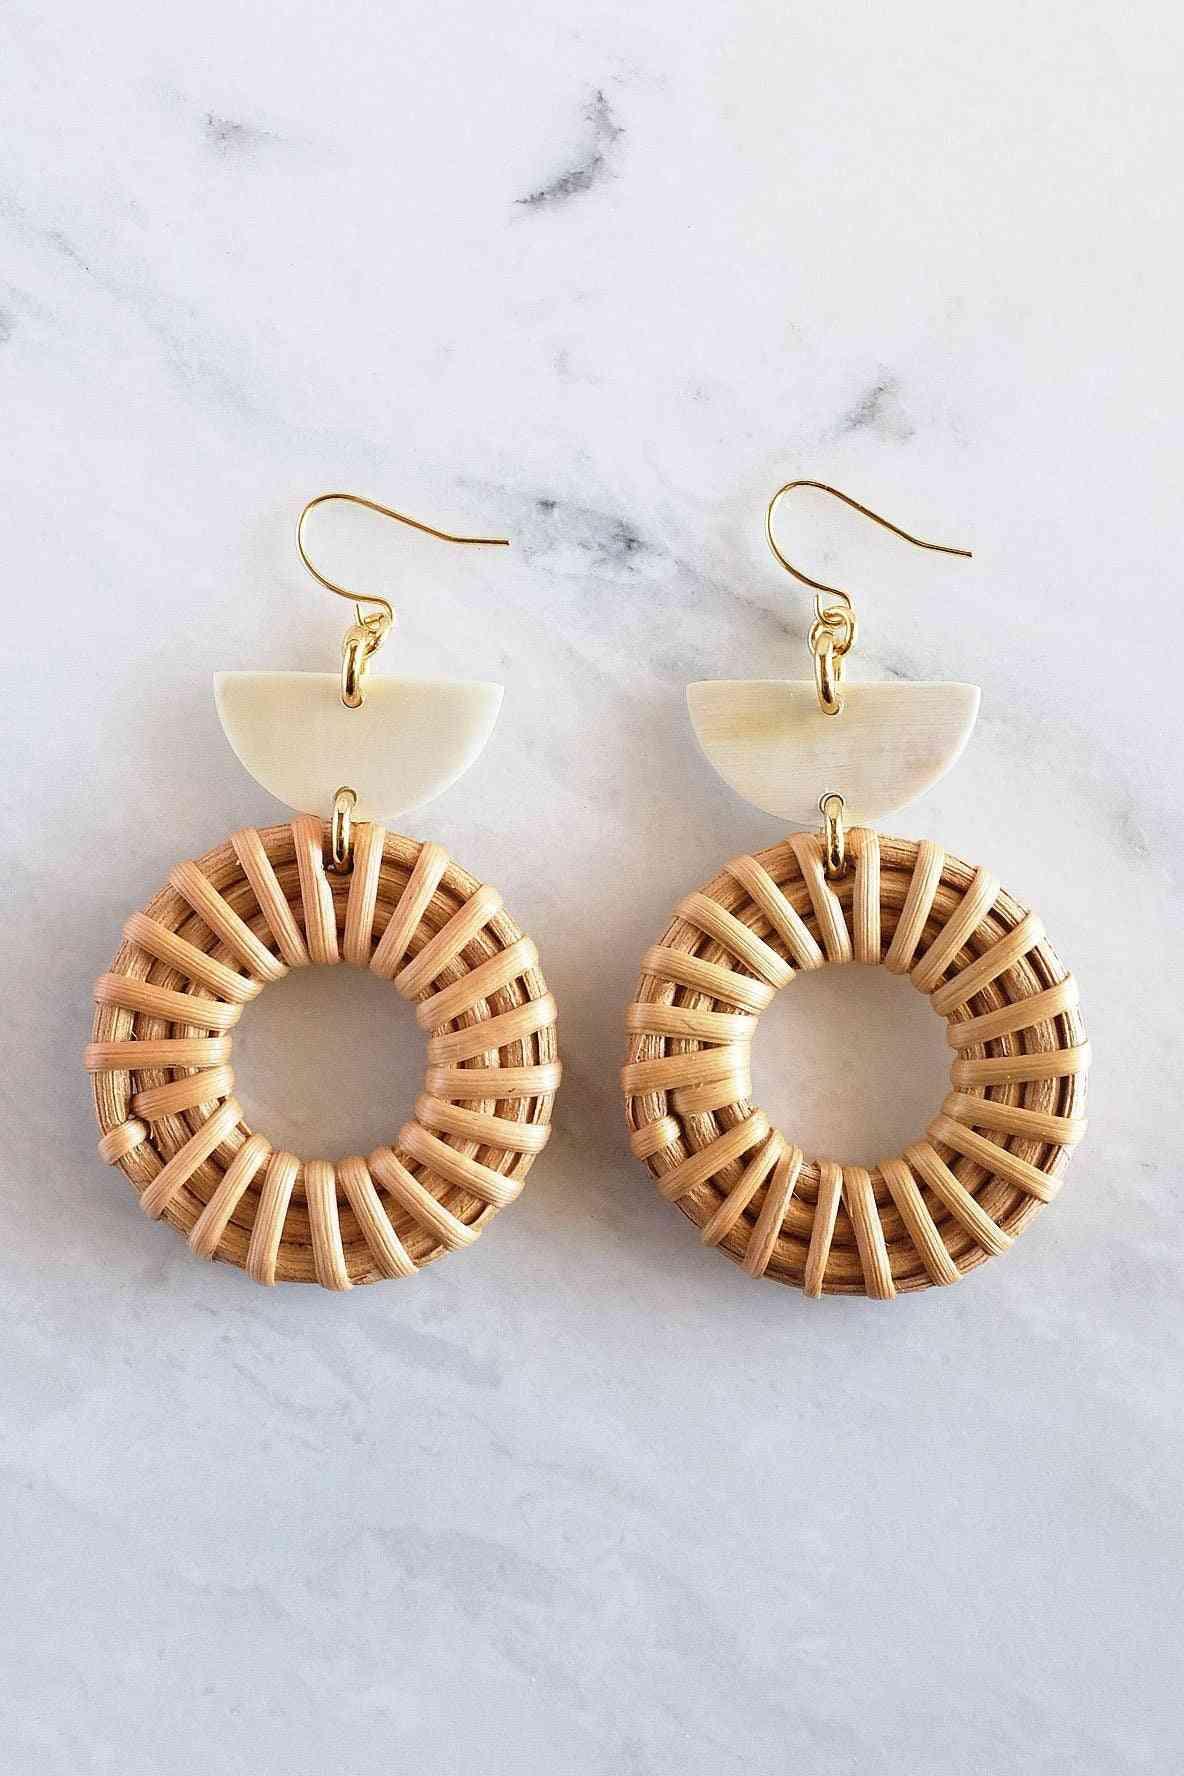 16k Gold Plated Horn & Rattan Donut Earrings